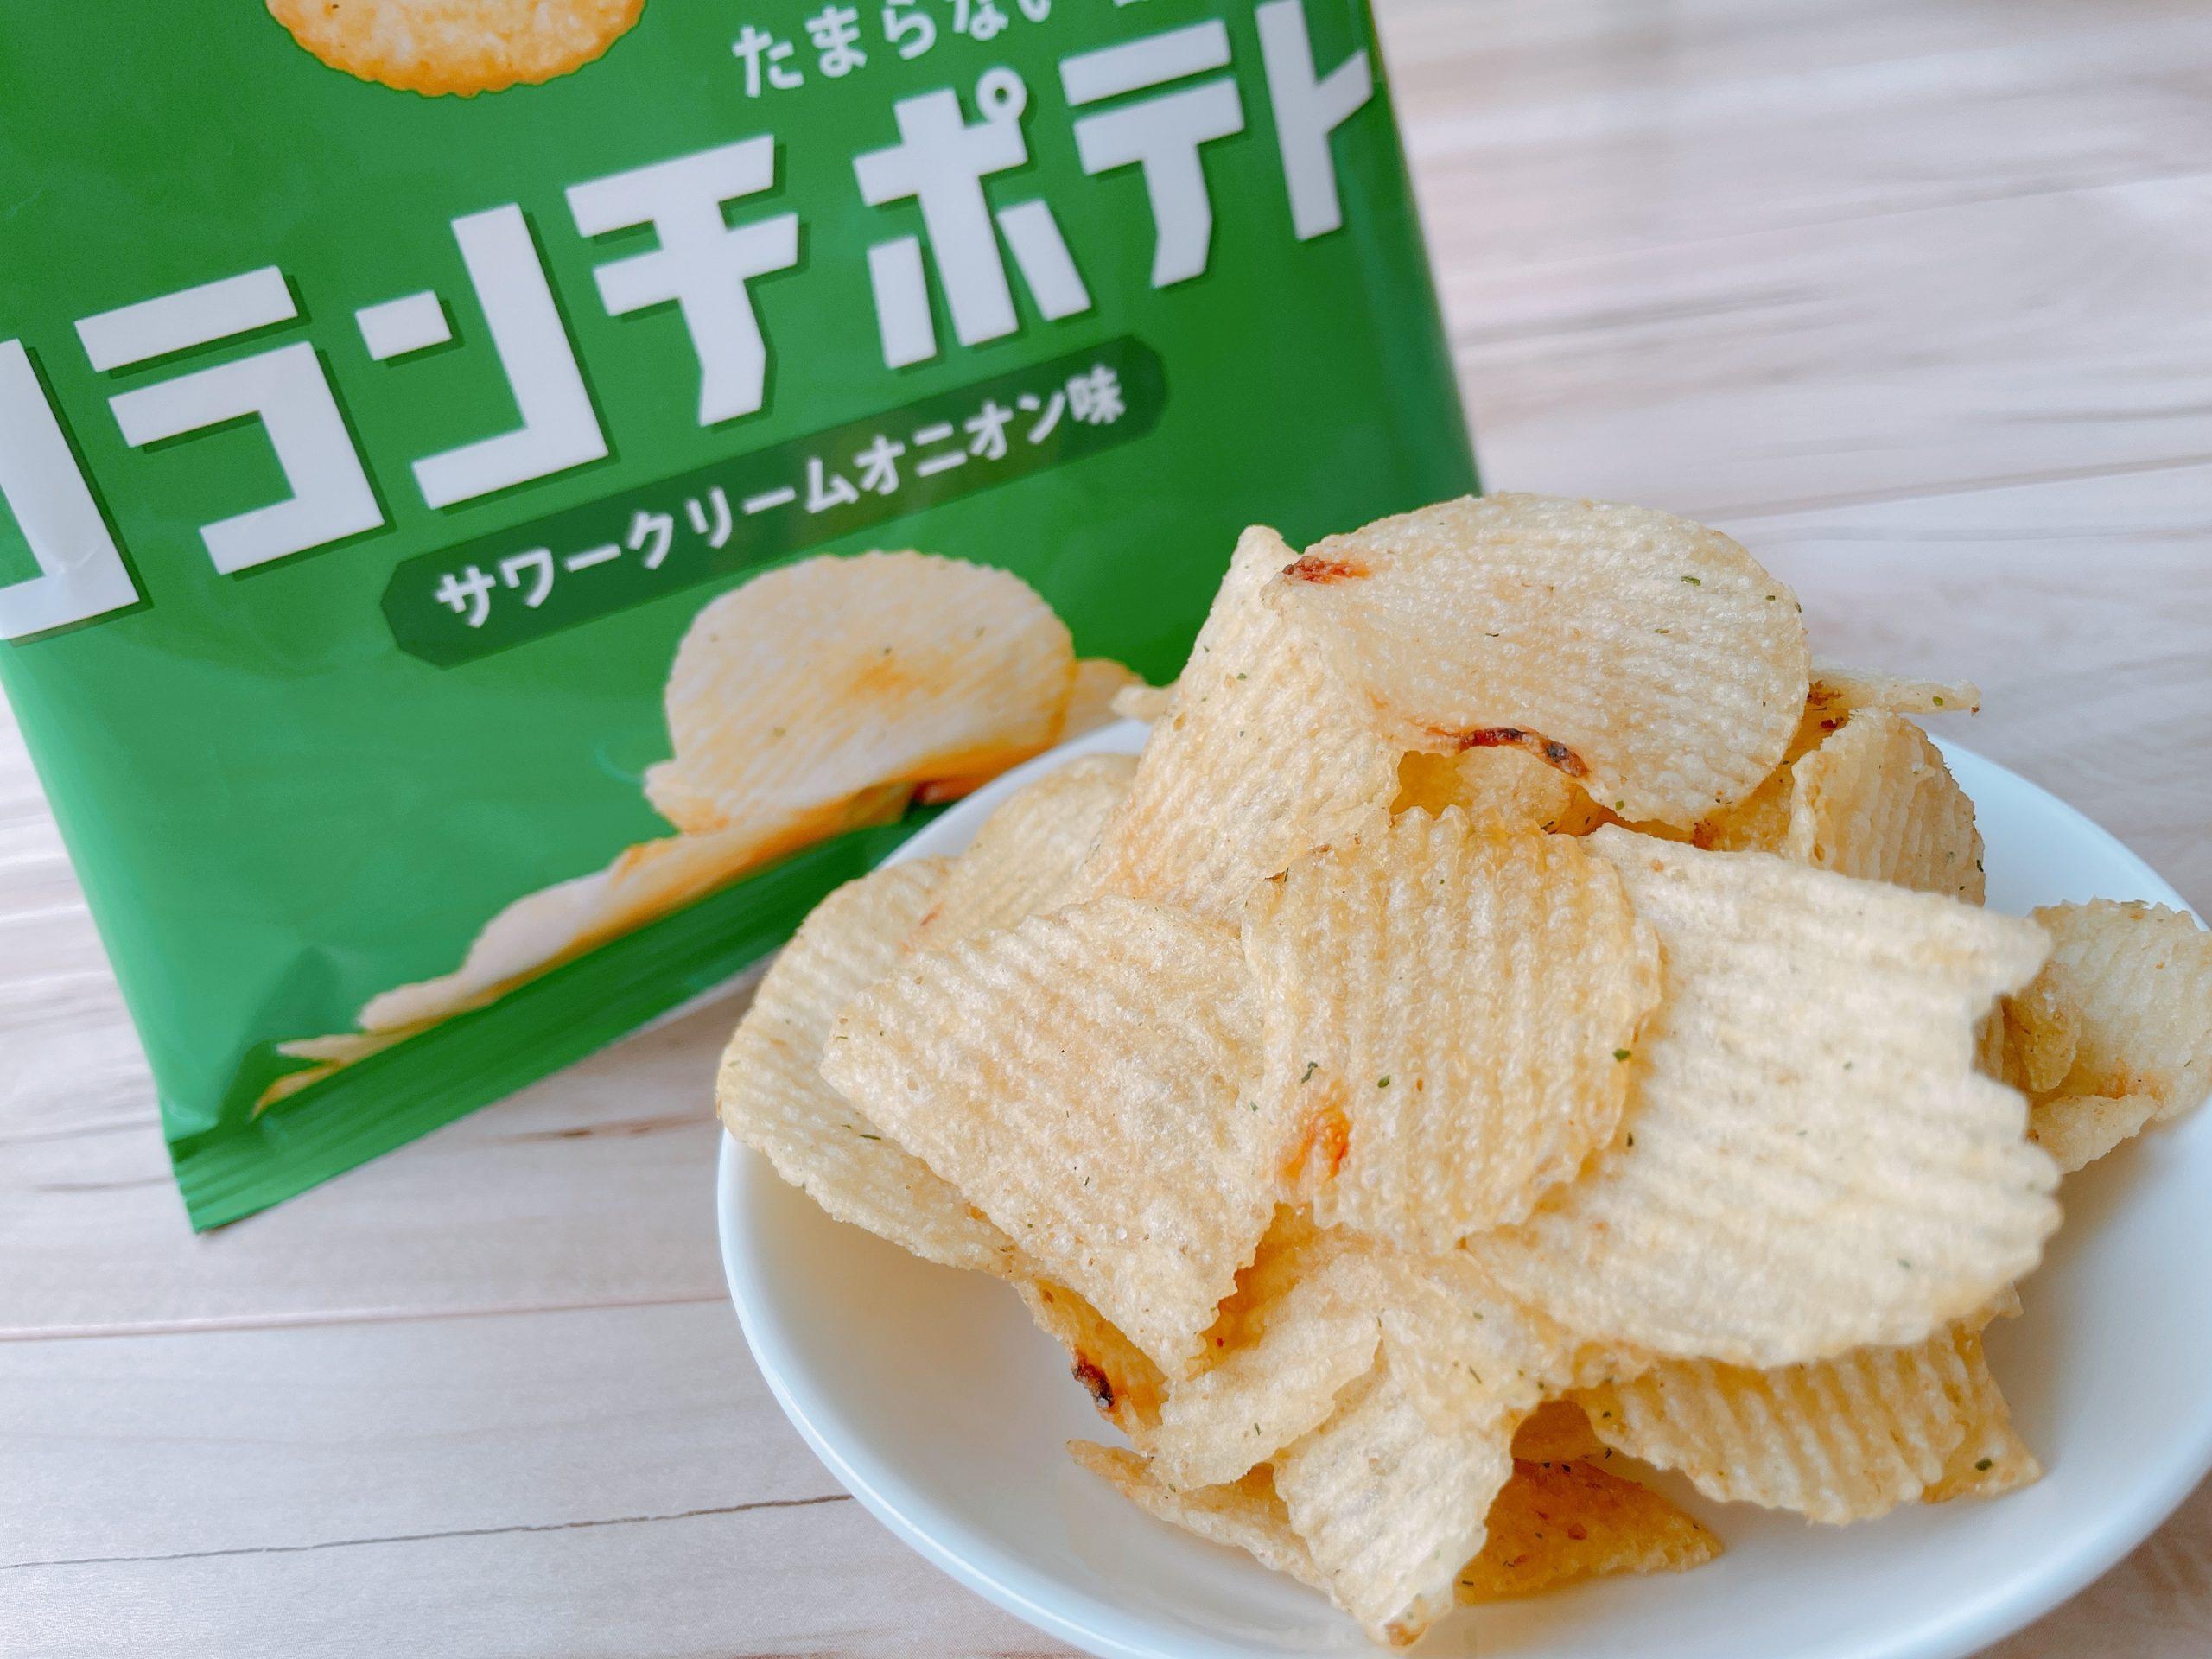 クランチポテト<サワークリームオニオン味>